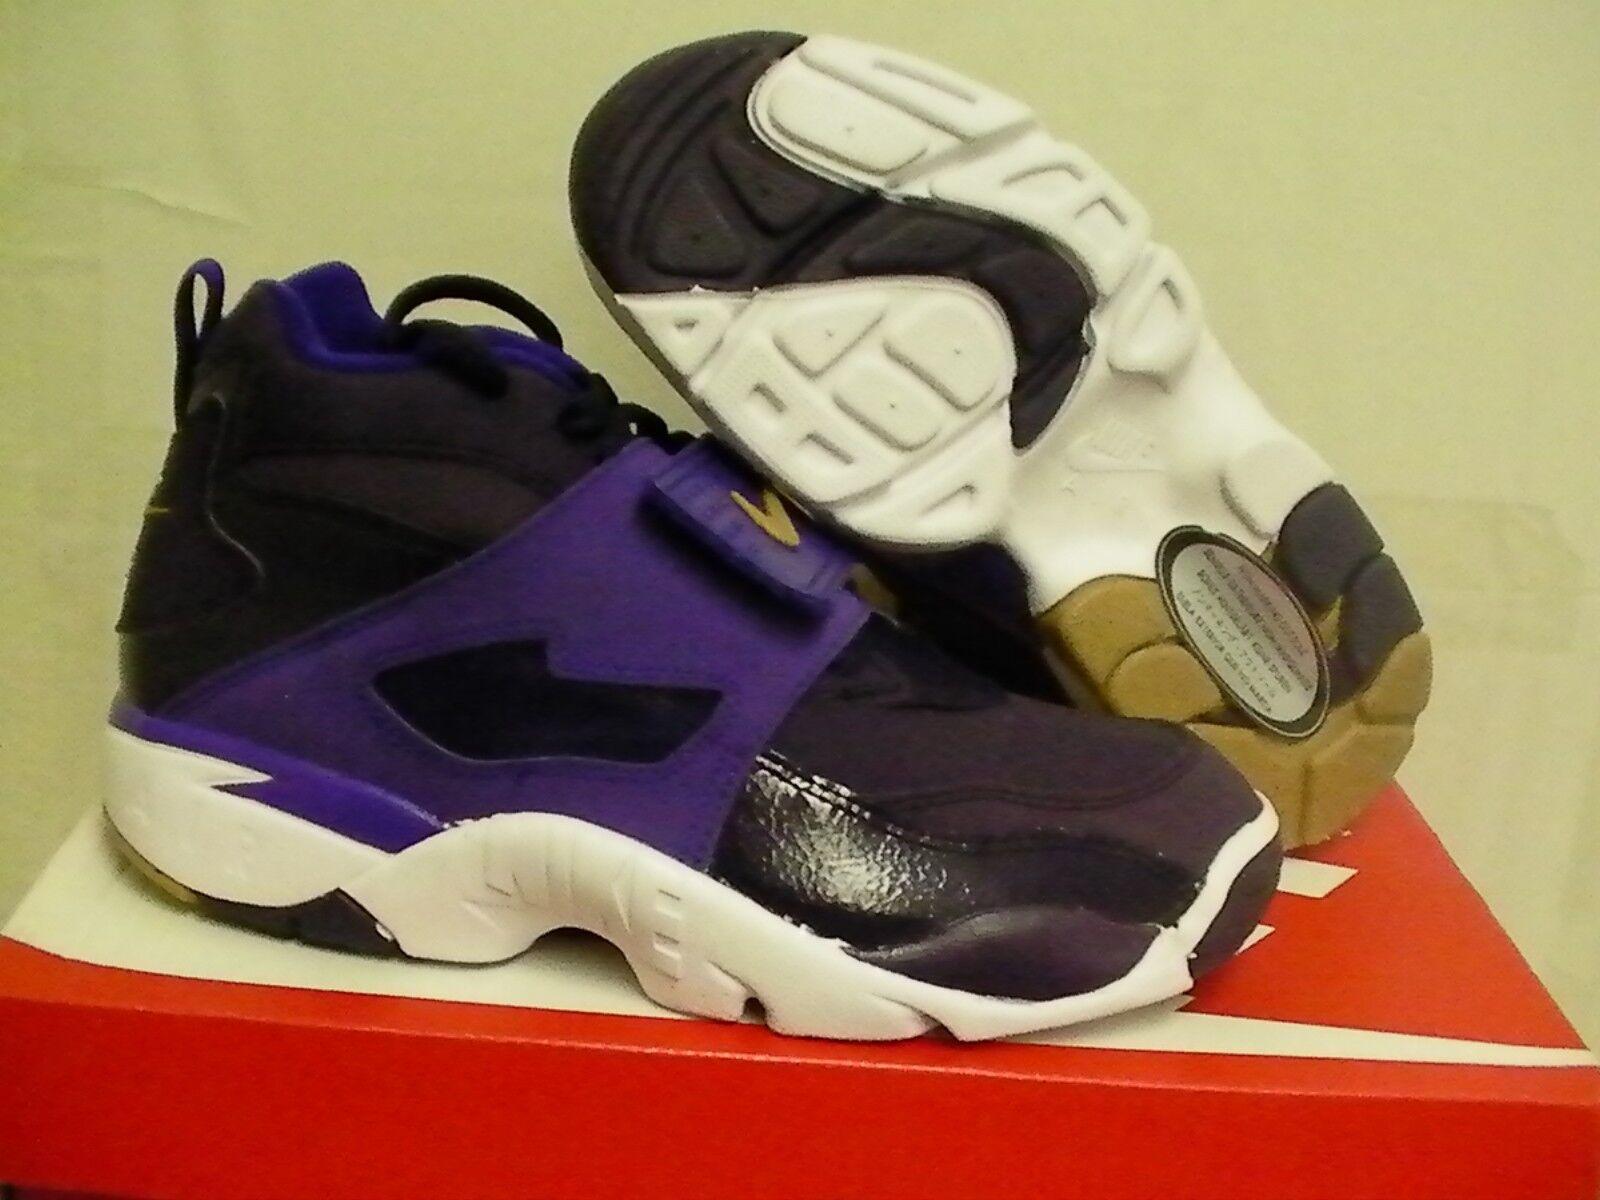 Nike air diamond turf 2 09 (GS) size 5 Youth purple